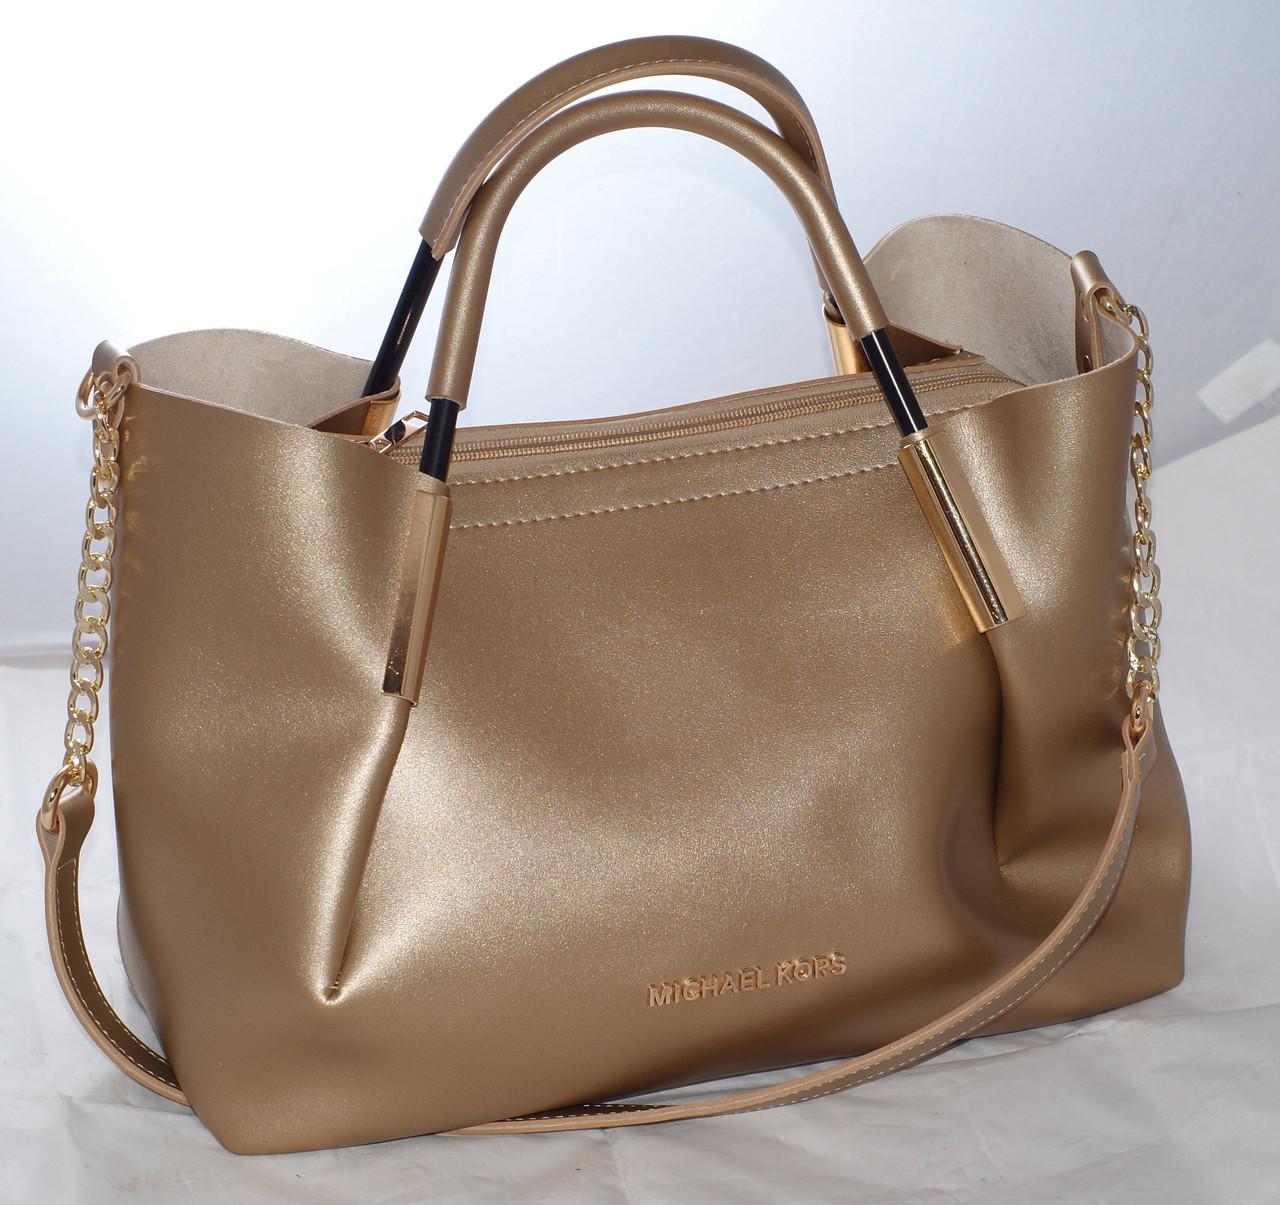 366f3363eb53 Женская сумка Michael Kors (Майкл Корс) с отстёгивающейся косметичкой,  золотистая